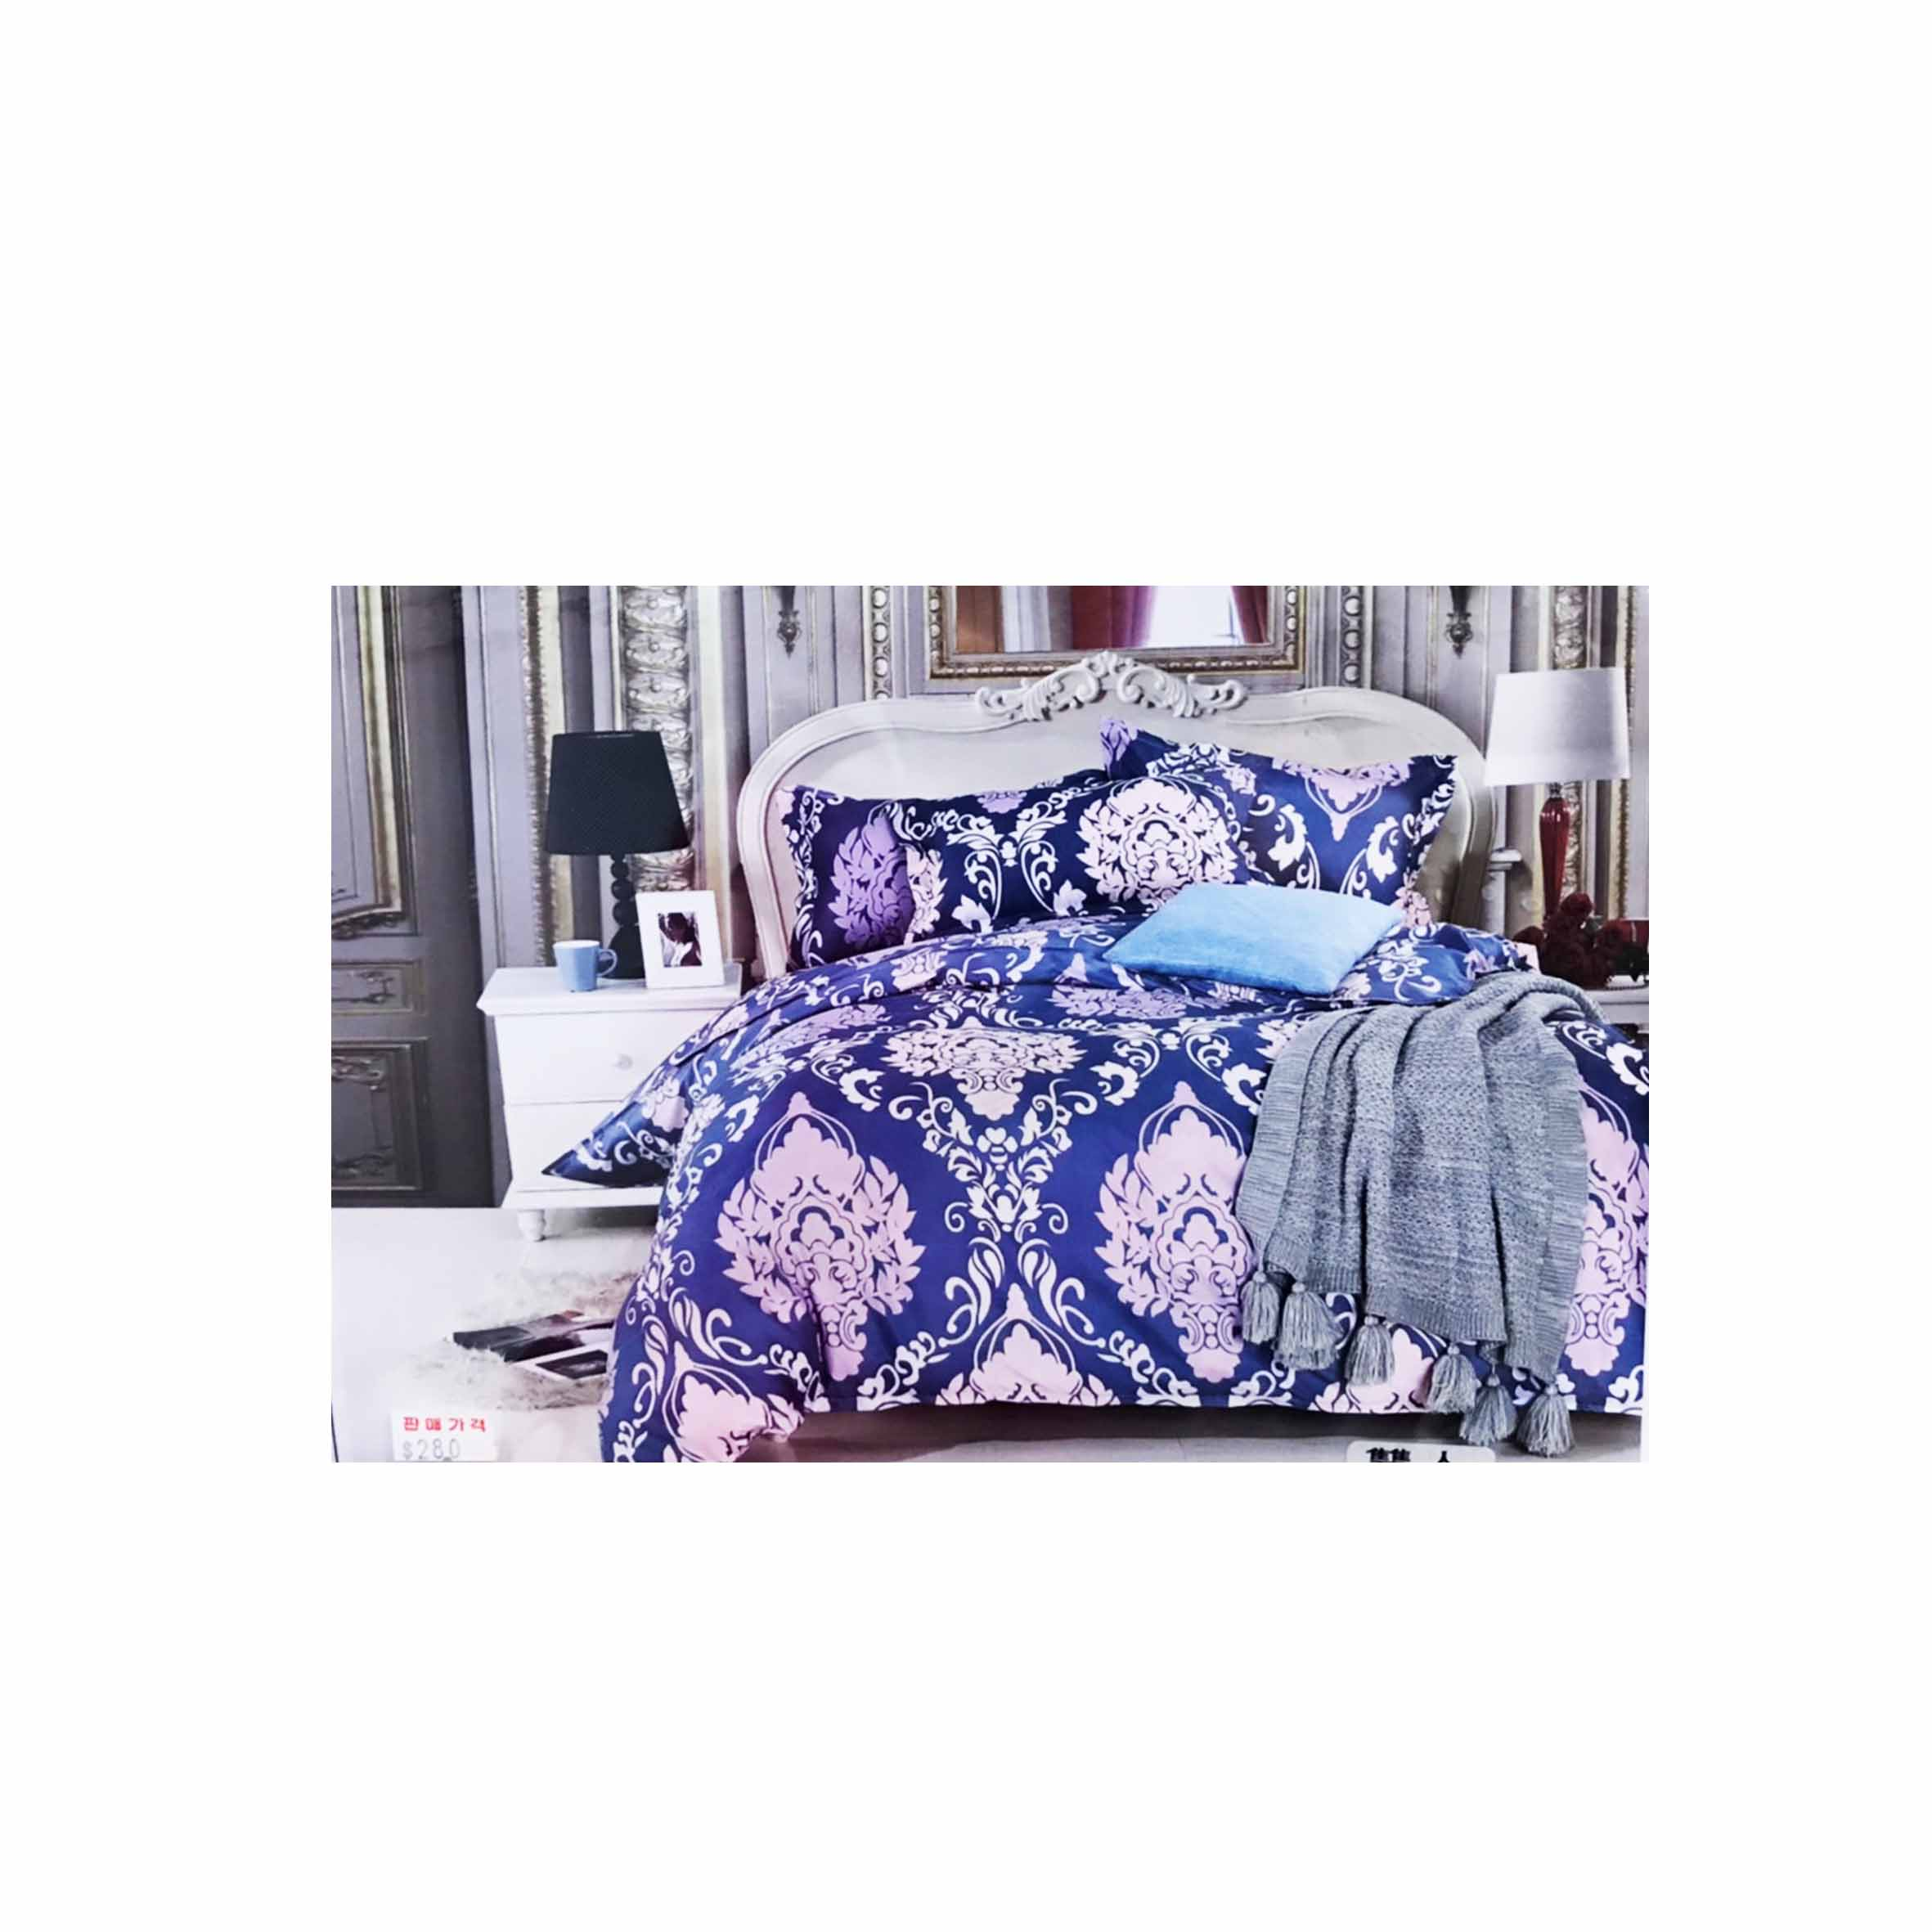 雙人鬆緊床包組 3件式 5x6.2尺 活性印染 -暗戀繁花